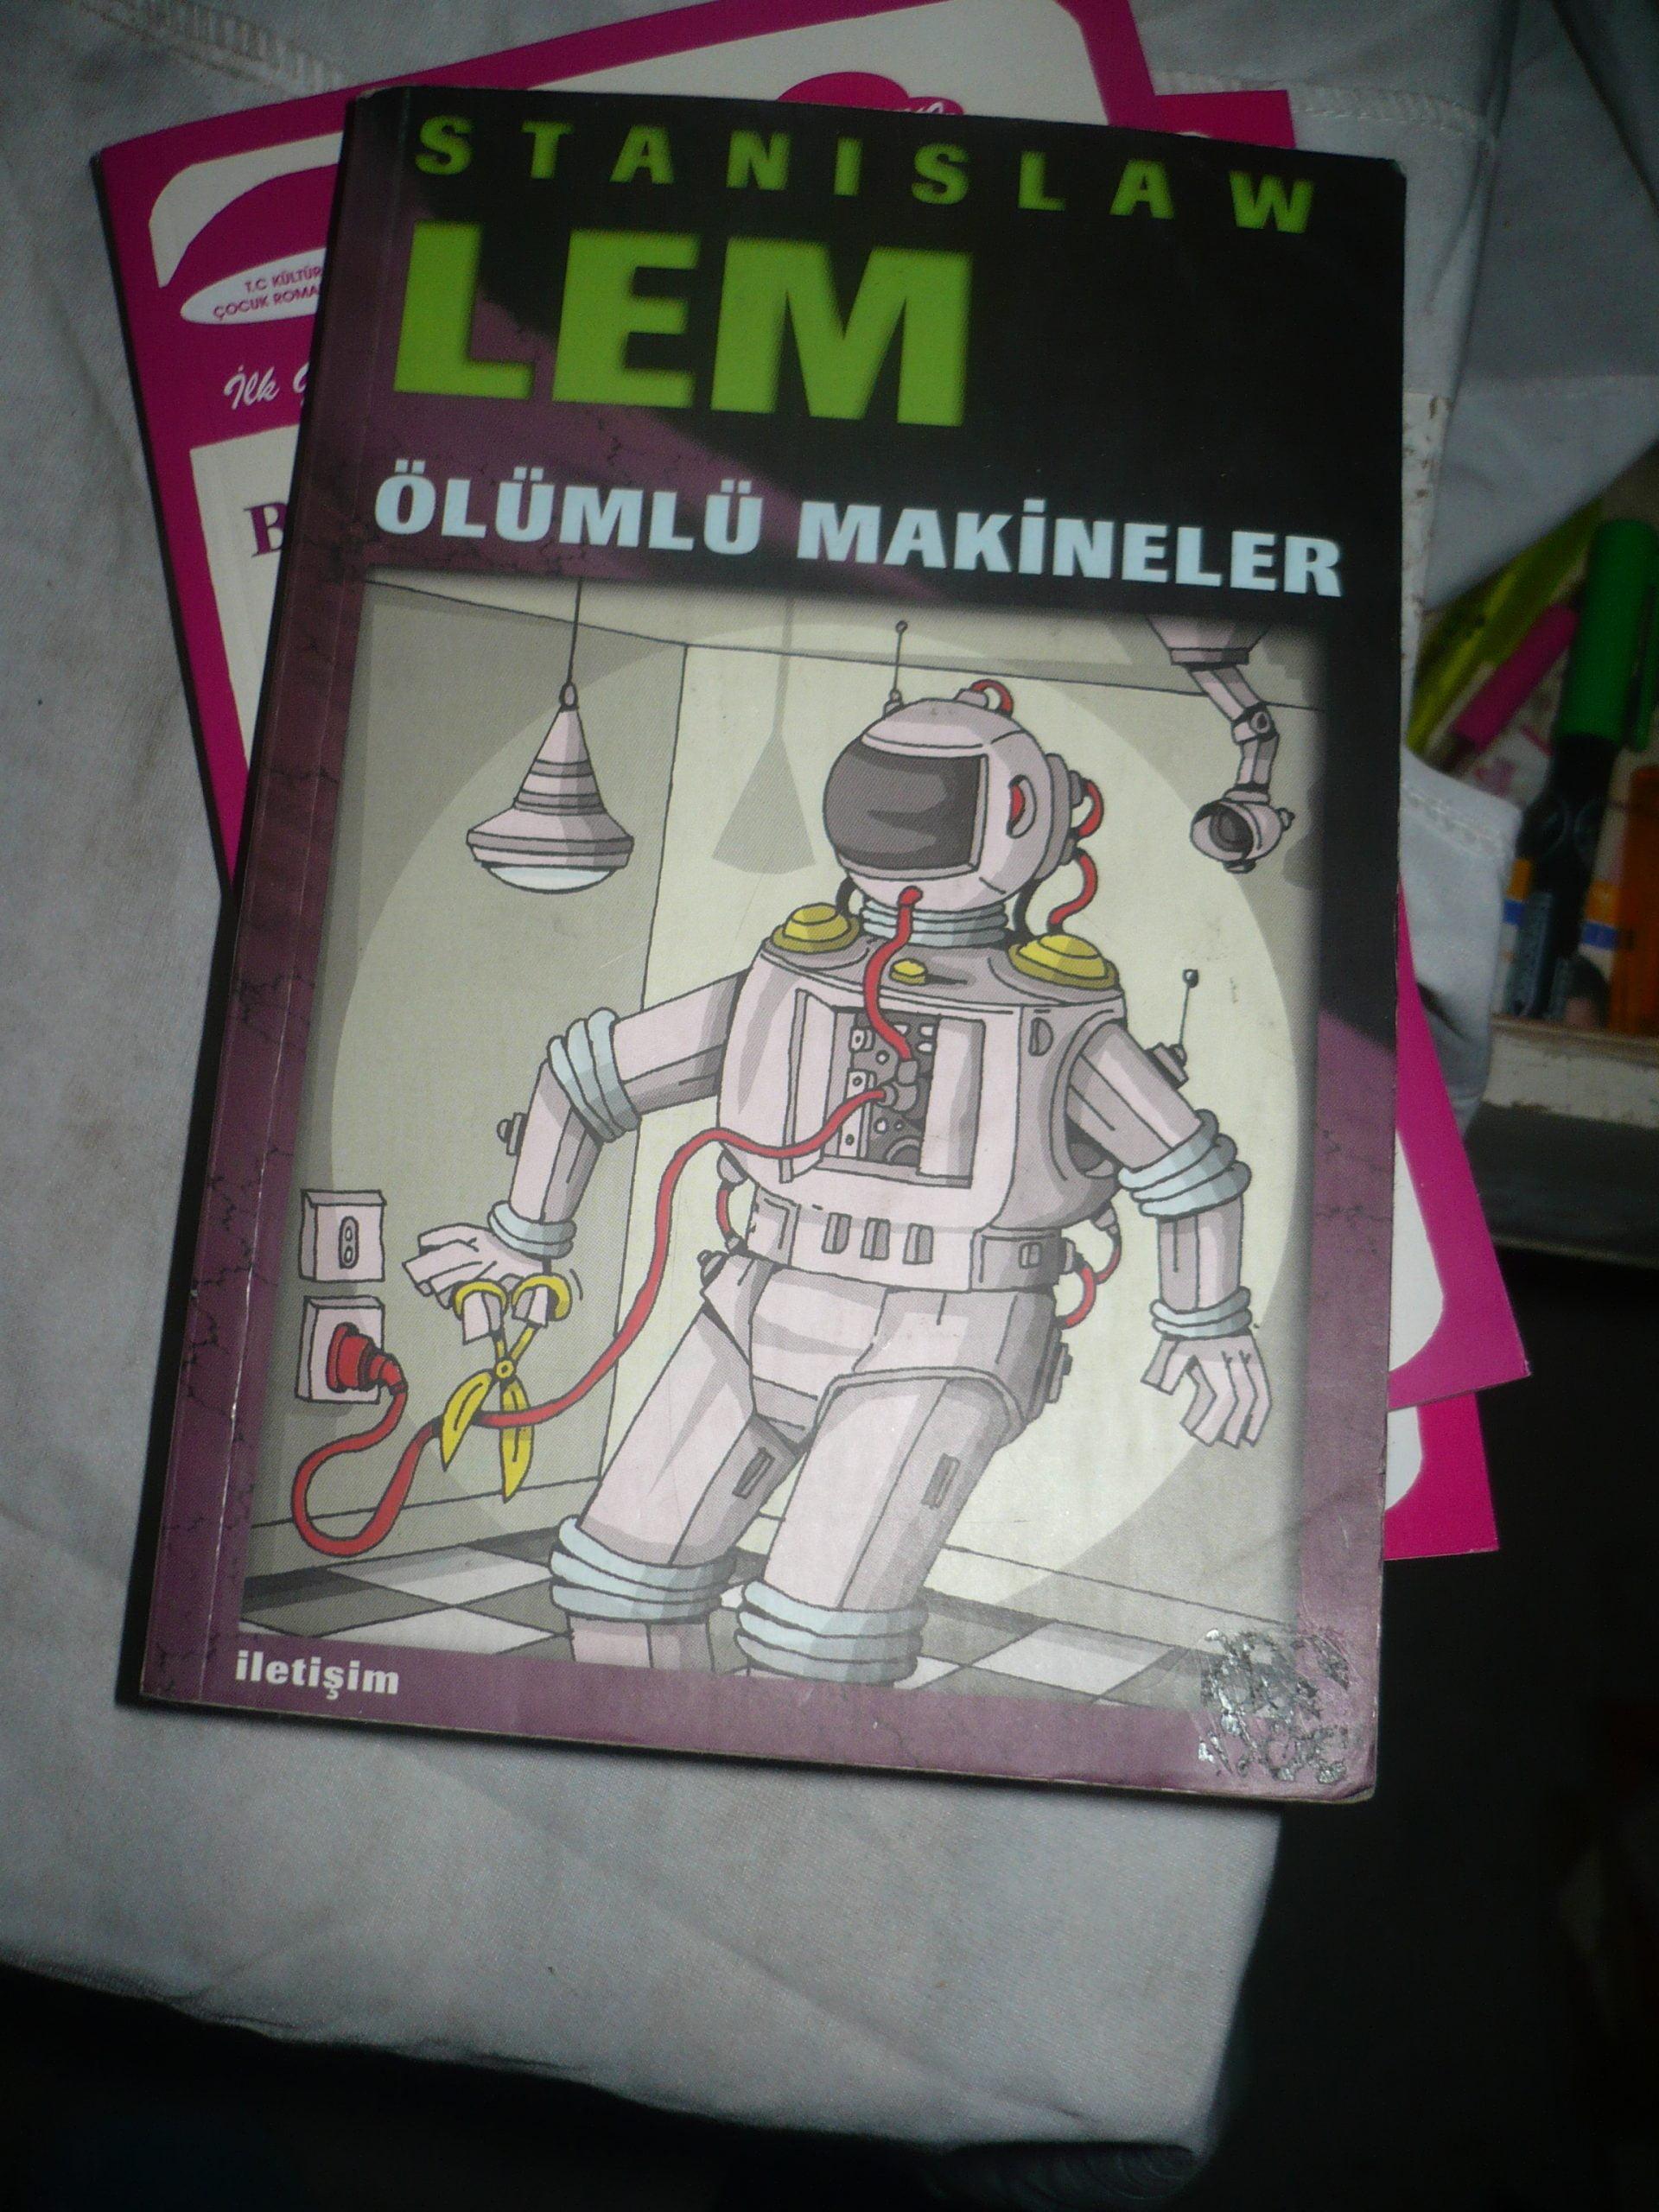 Ölümlü makineler/Stanislaw LEM/ 5 tl(SATILDI)